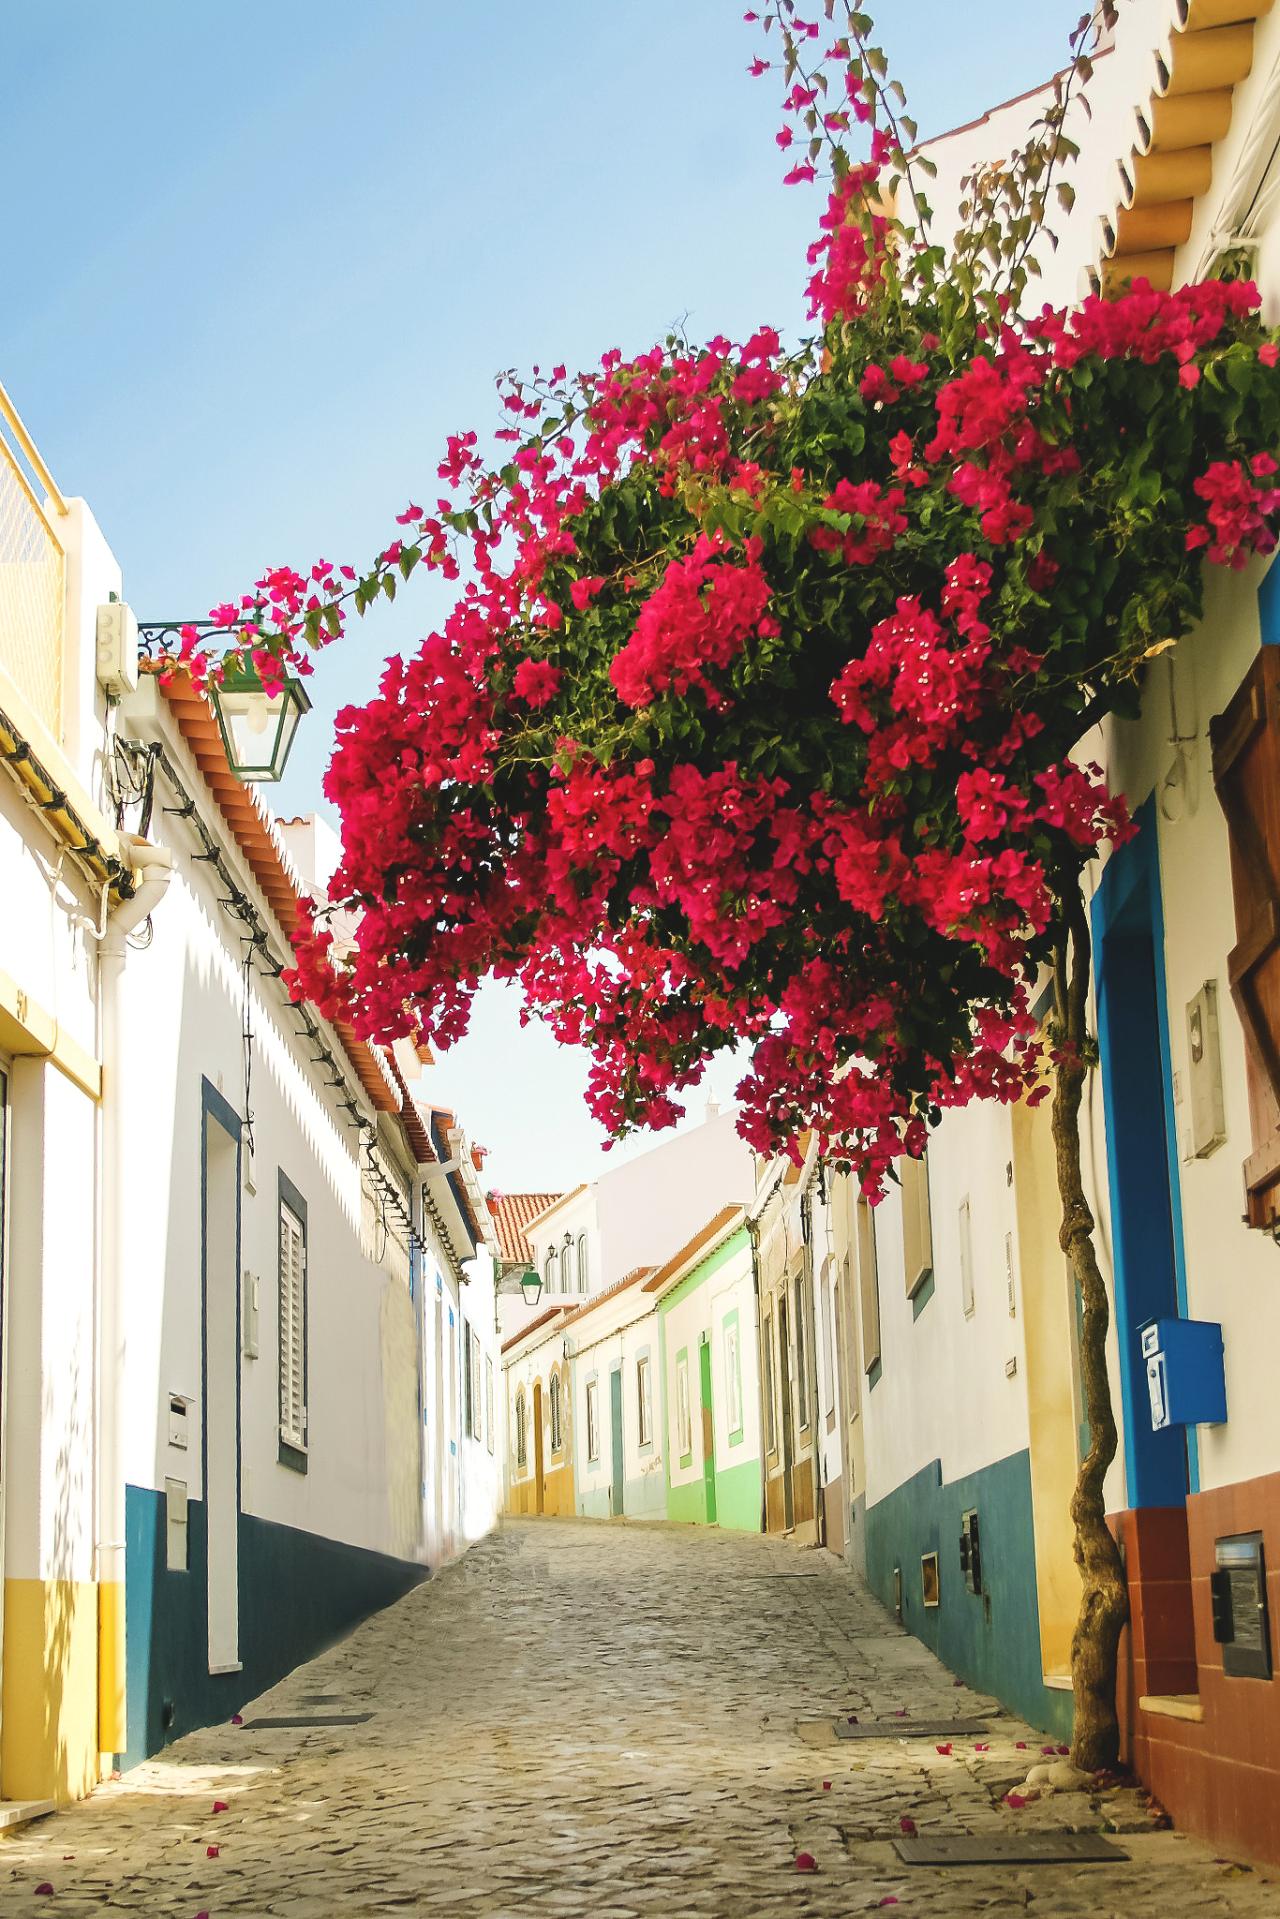 Wnderlst Faro Portugal Dominick Angstwurm Portugal Reisen Reiseziele Reisen